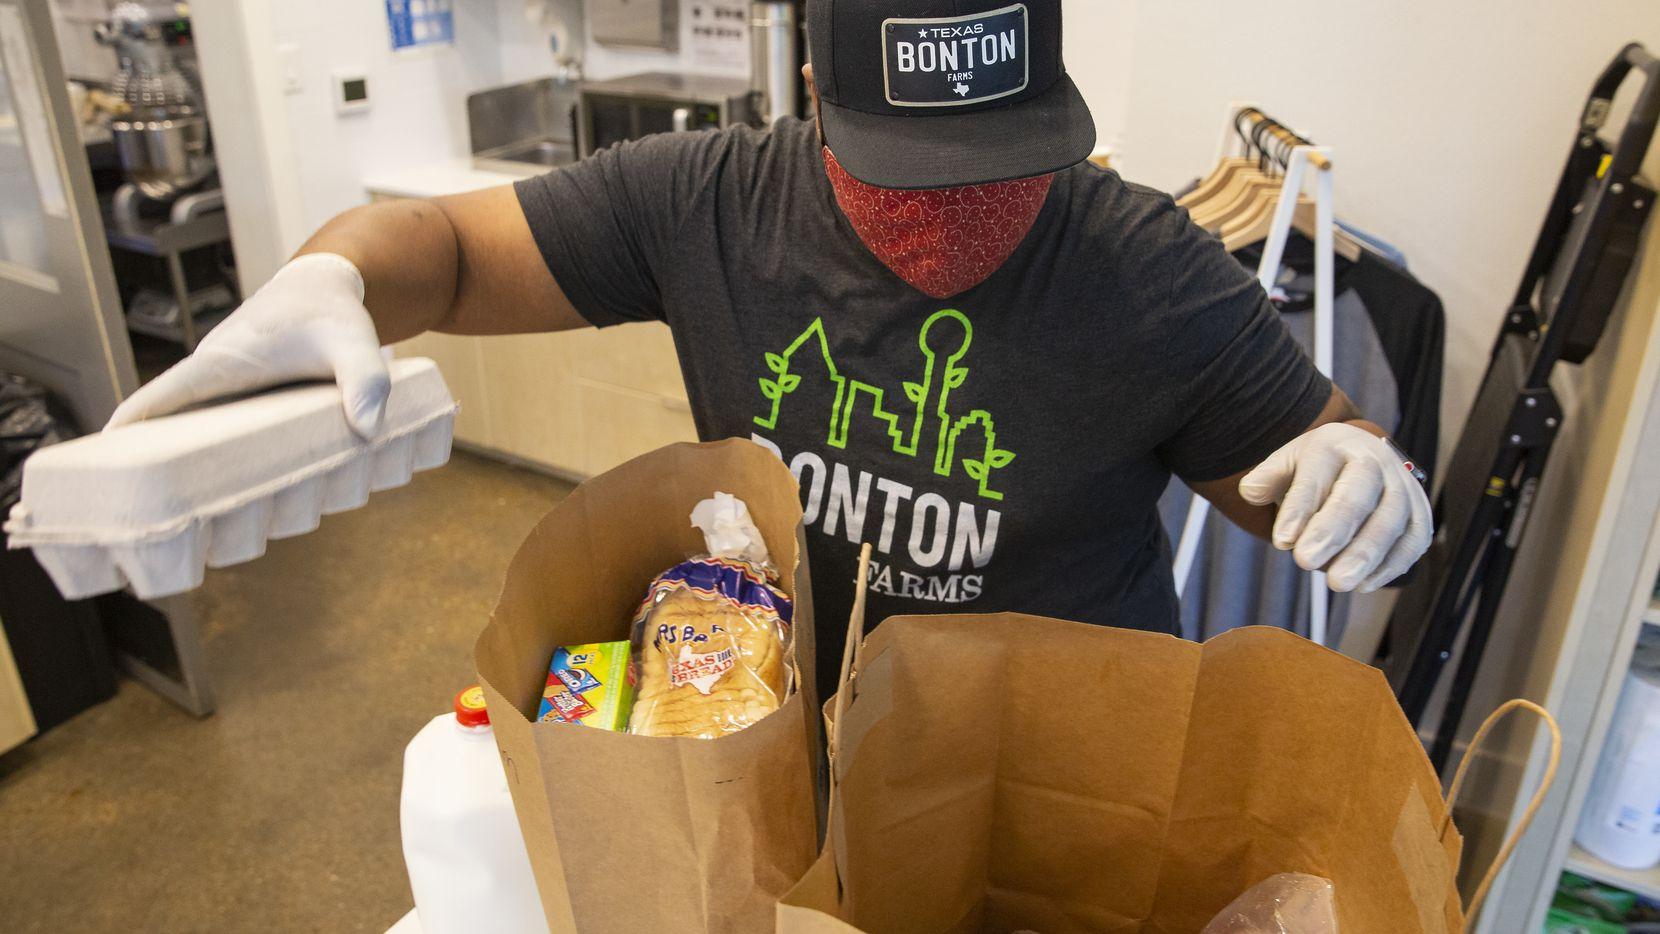 Clifton Reese, administrador en The Market at Boston Farms, prepara bolsas con alimentos para ser entregados a padres de familia con estudiantes en The King's Academy.